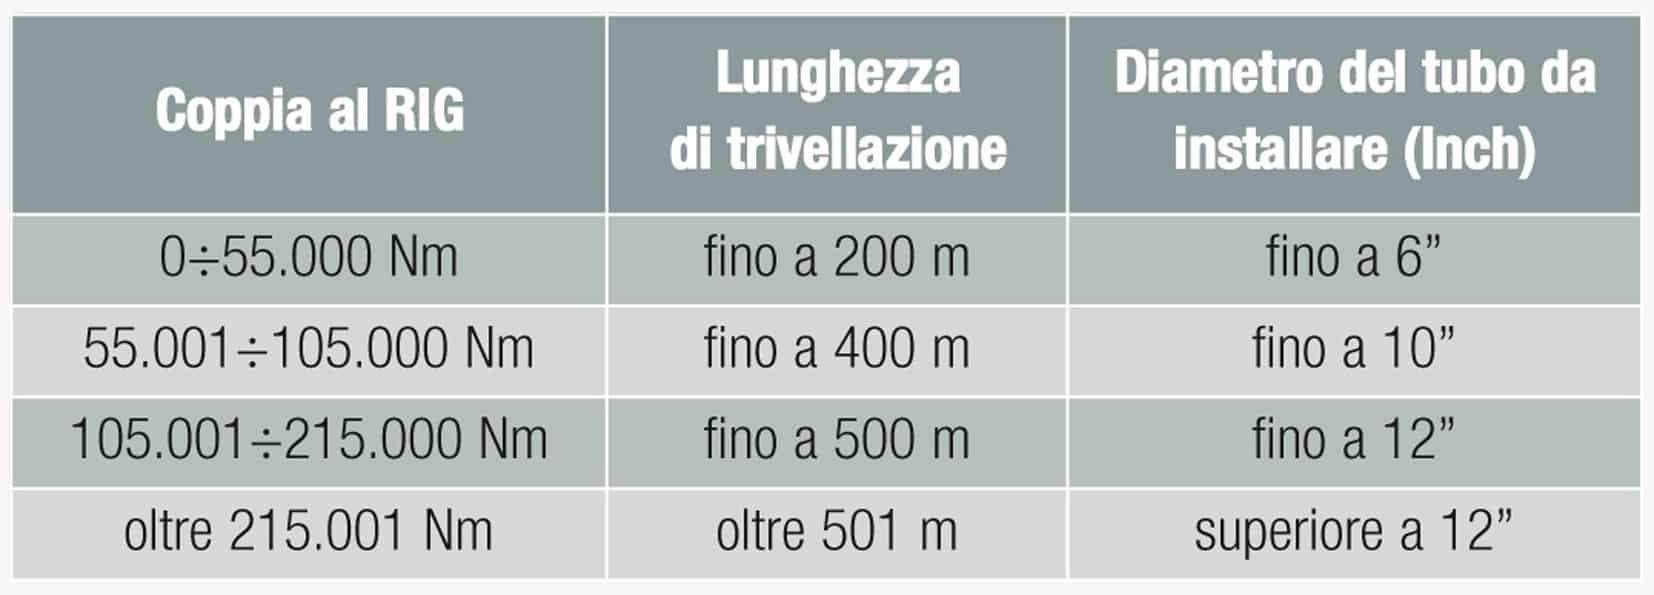 I valori tipici della lunghezza di trivellazione/diametro installabile in funzione della potenza del Rig